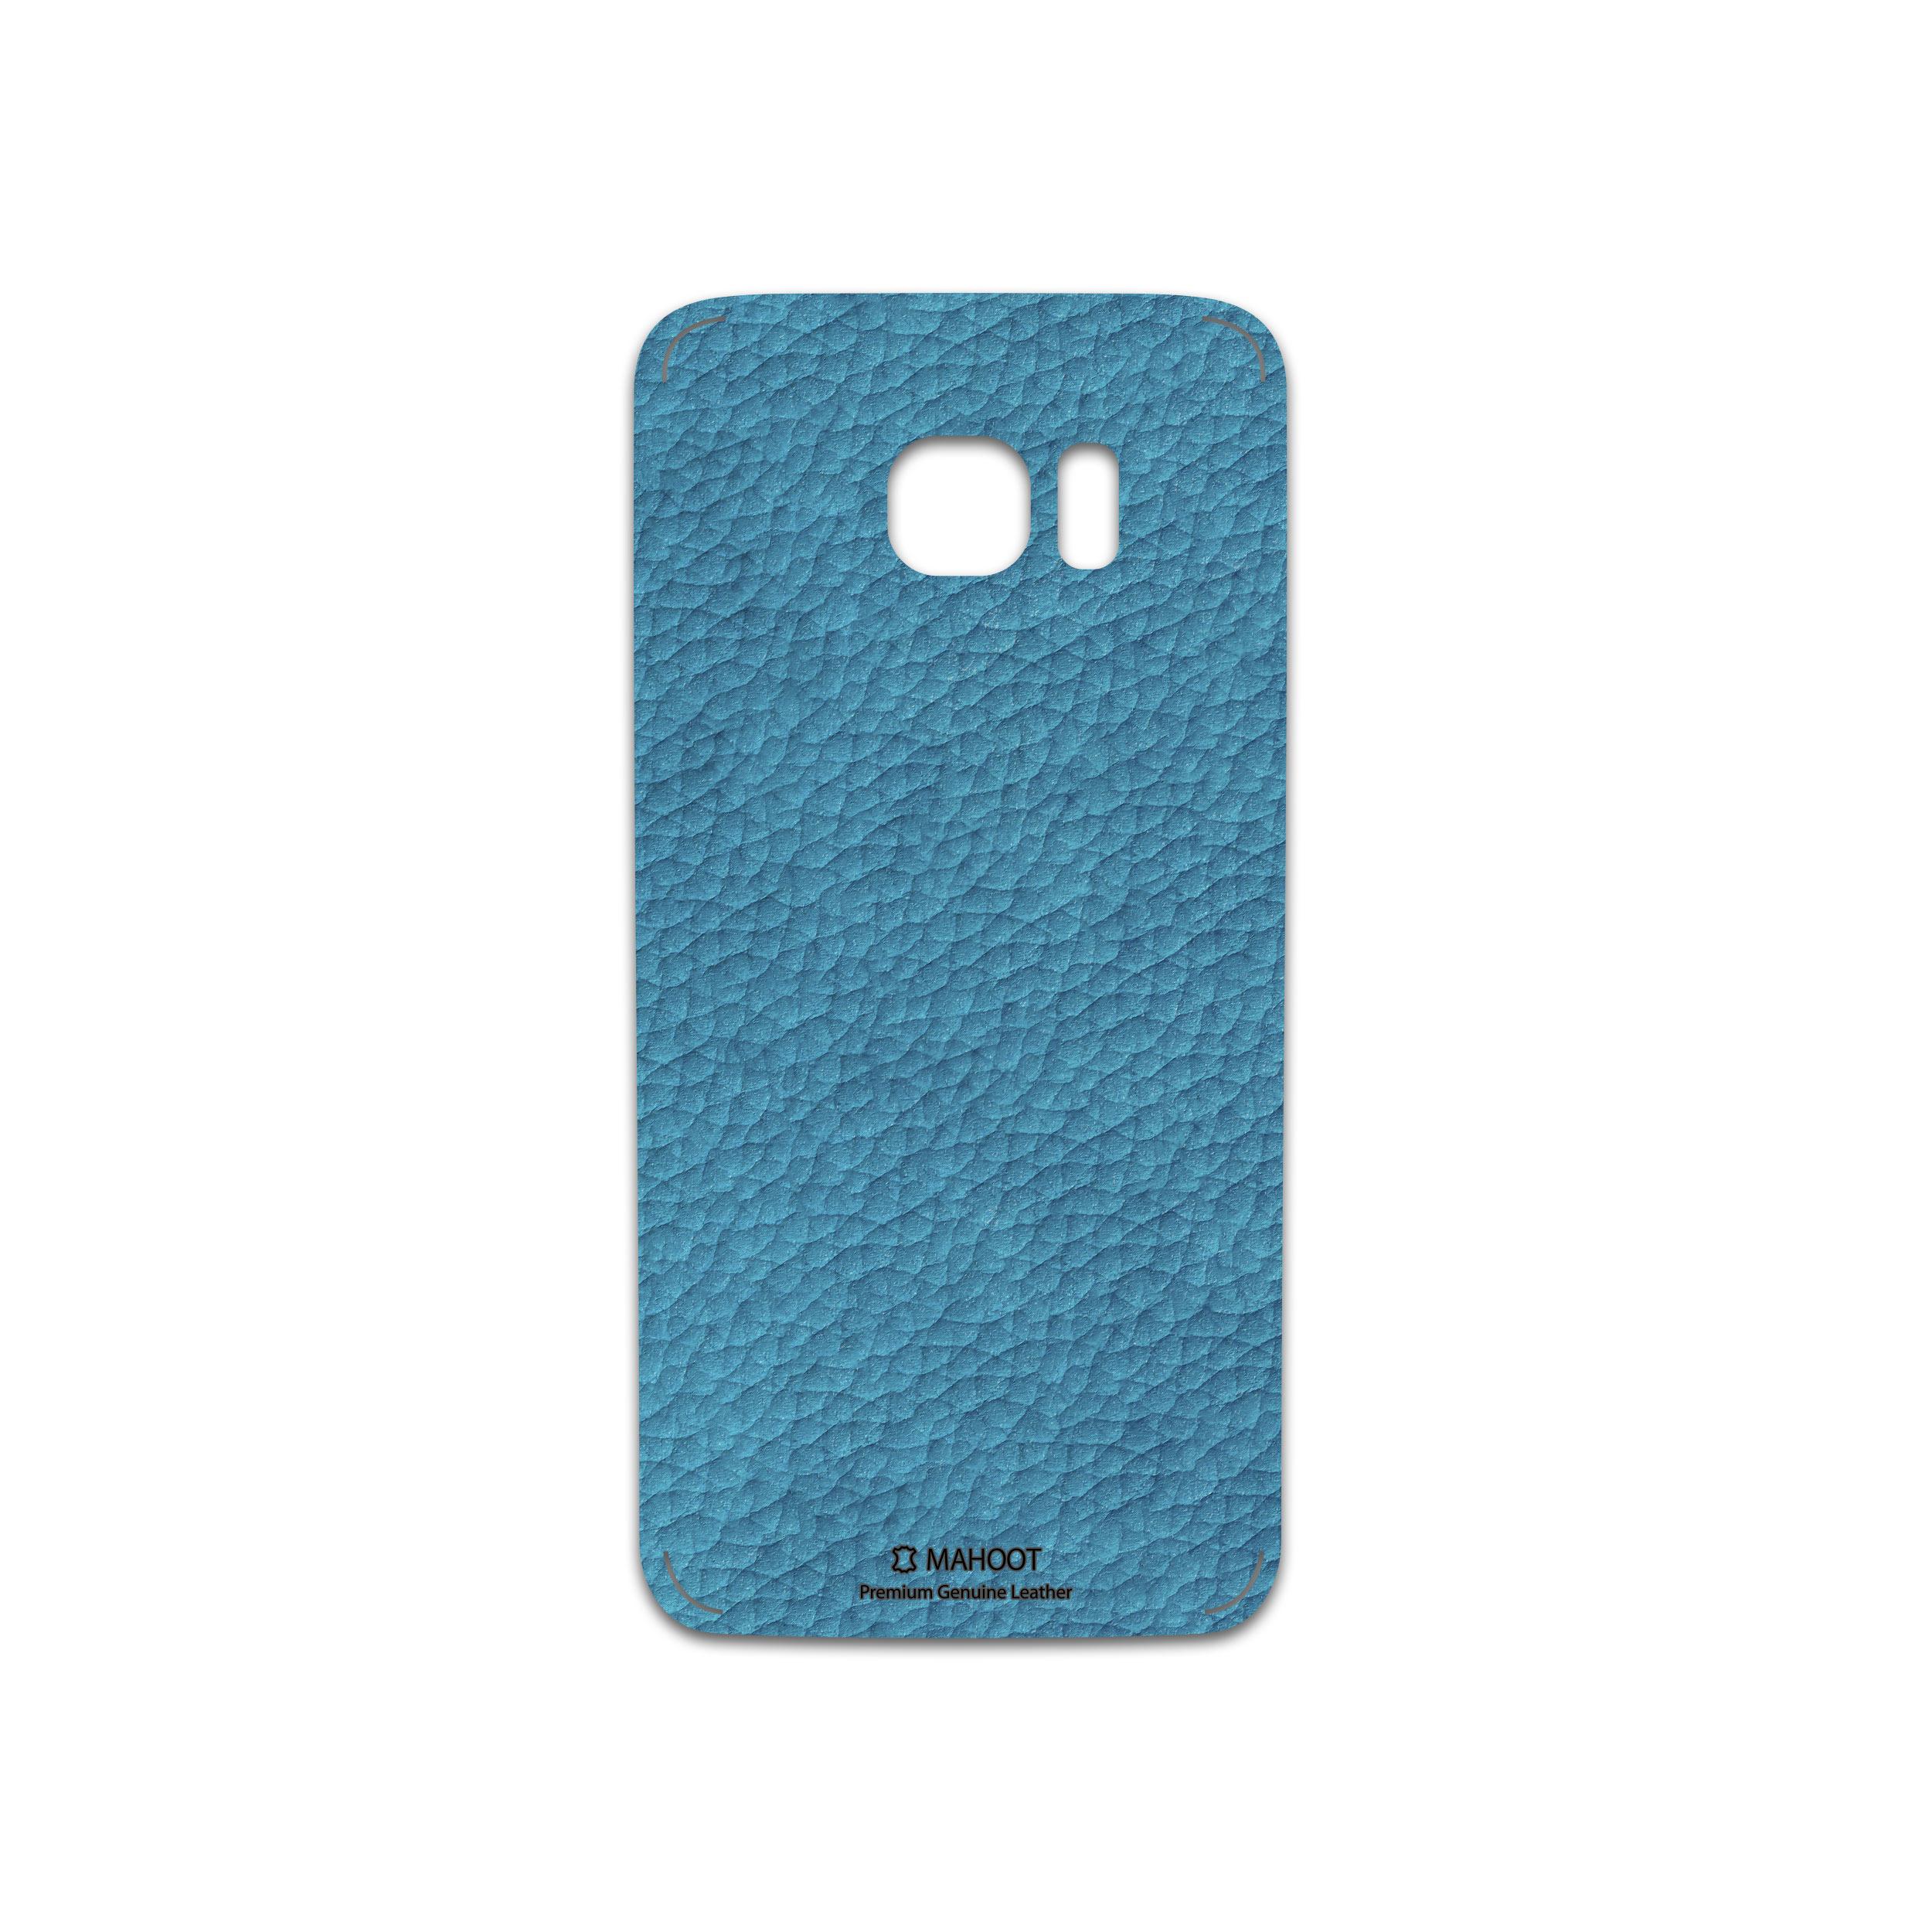 برچسب پوششی ماهوت مدل Blue-Leather مناسب برای گوشی موبایل سامسونگ Galaxy S7 Edge